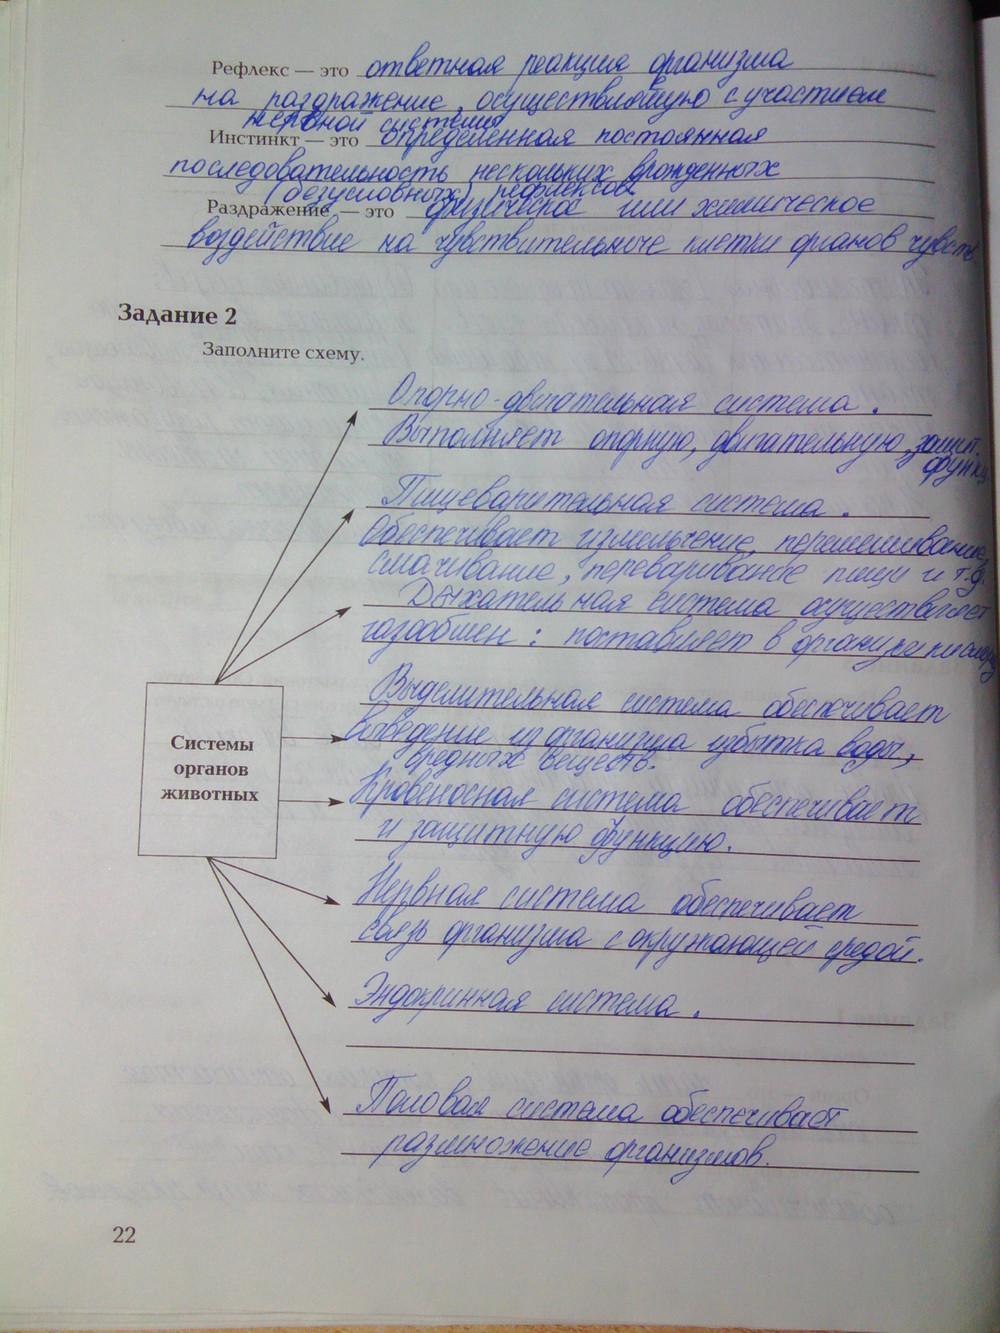 Гдз по биологии 7 класс рабочая тетрадь вентана граф суматохин